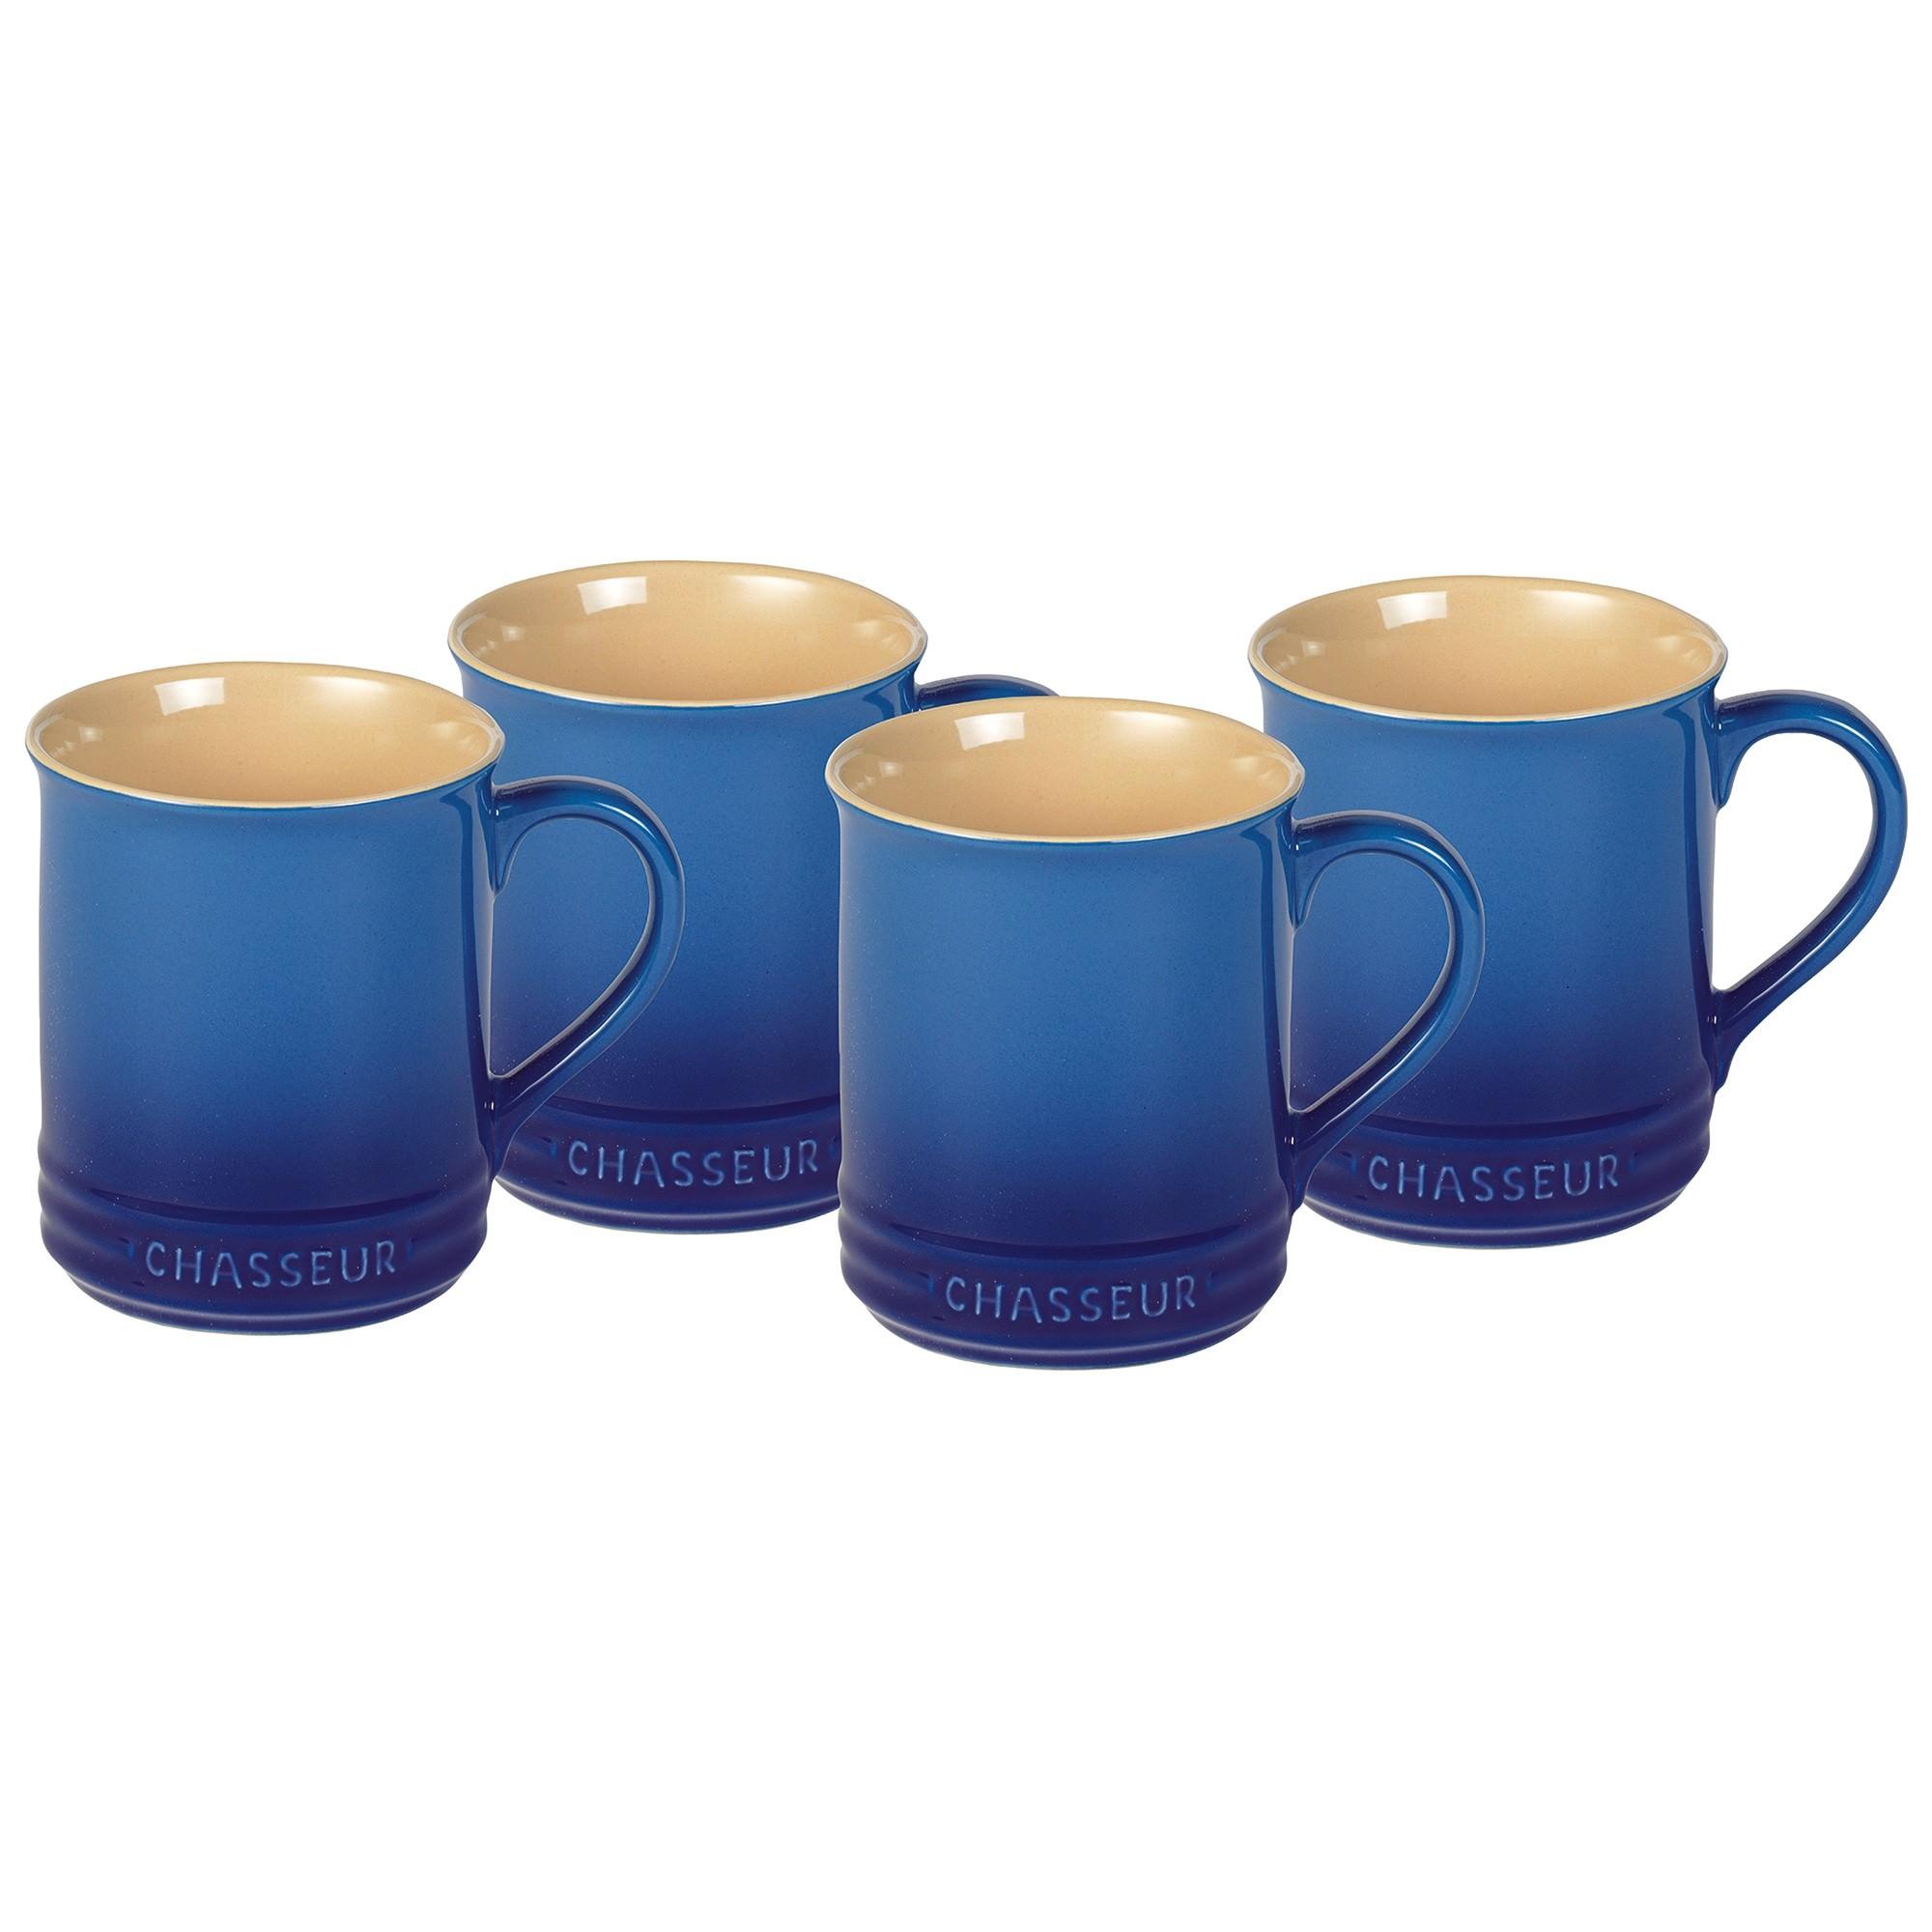 Chasseur La Cuisson 4 Piece Mug Set, 350ml, Blue